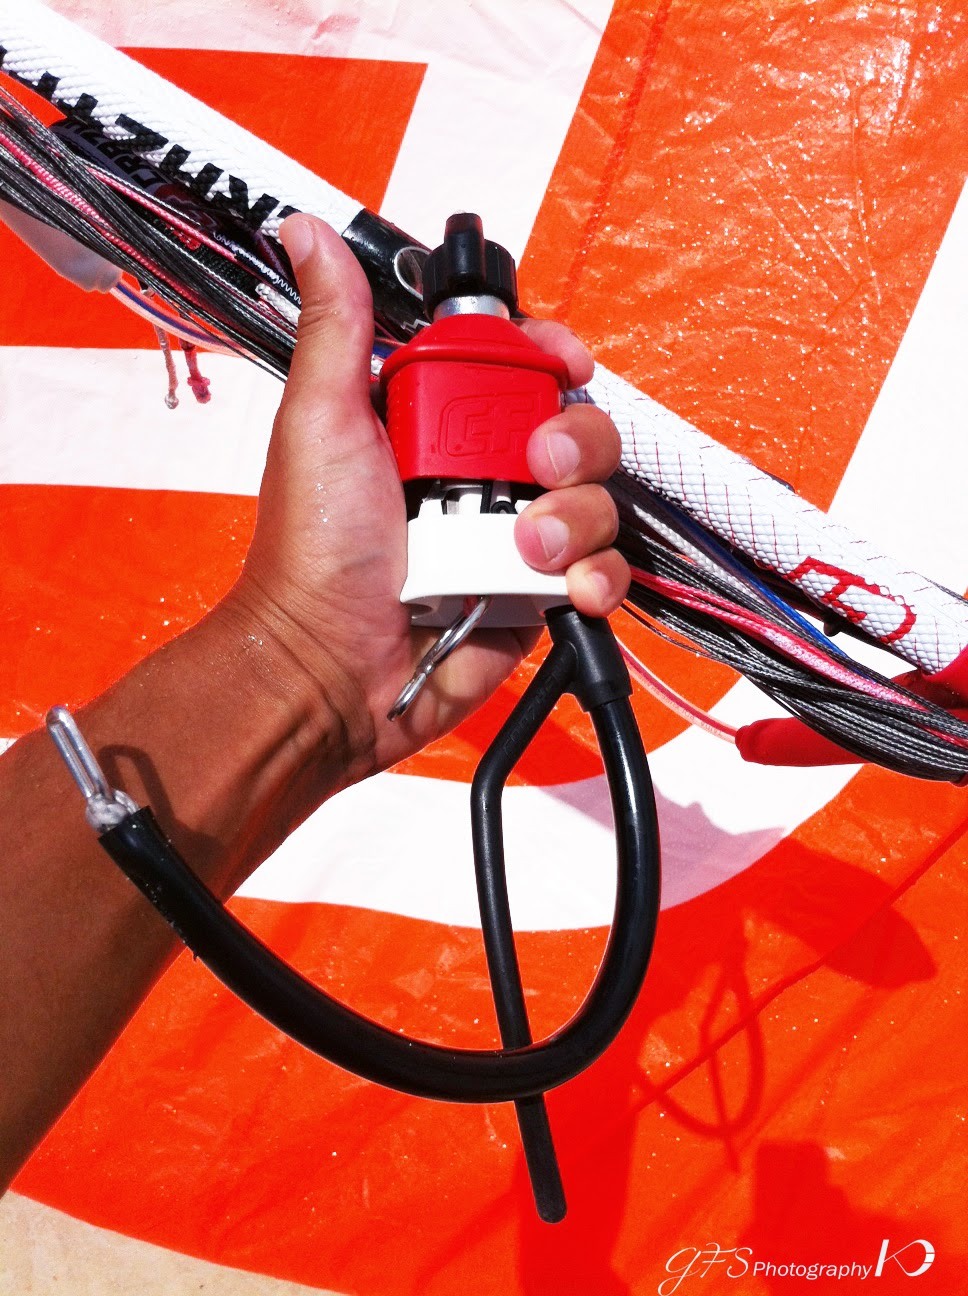 kitesurf kiteboard safety release activation maintenance